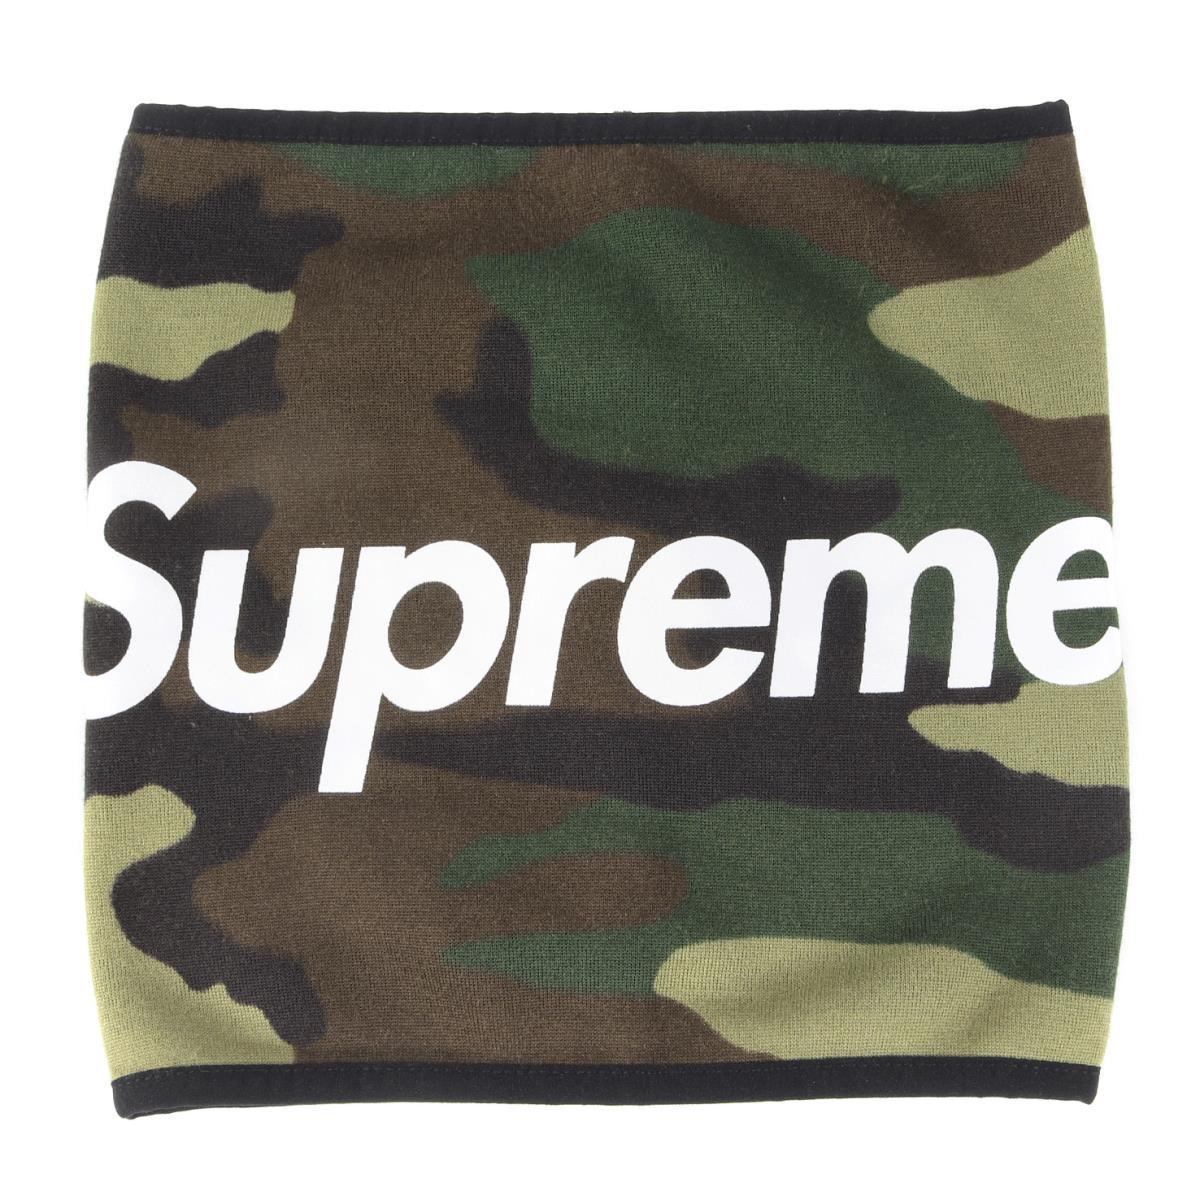 Supreme シュプリーム ネックウォーマー 15AW ブランドロゴ フリース ネックウォーマー Fleece Neck Gaiter カモフラージュ 【メンズ】【美品】【中古】【K2546】